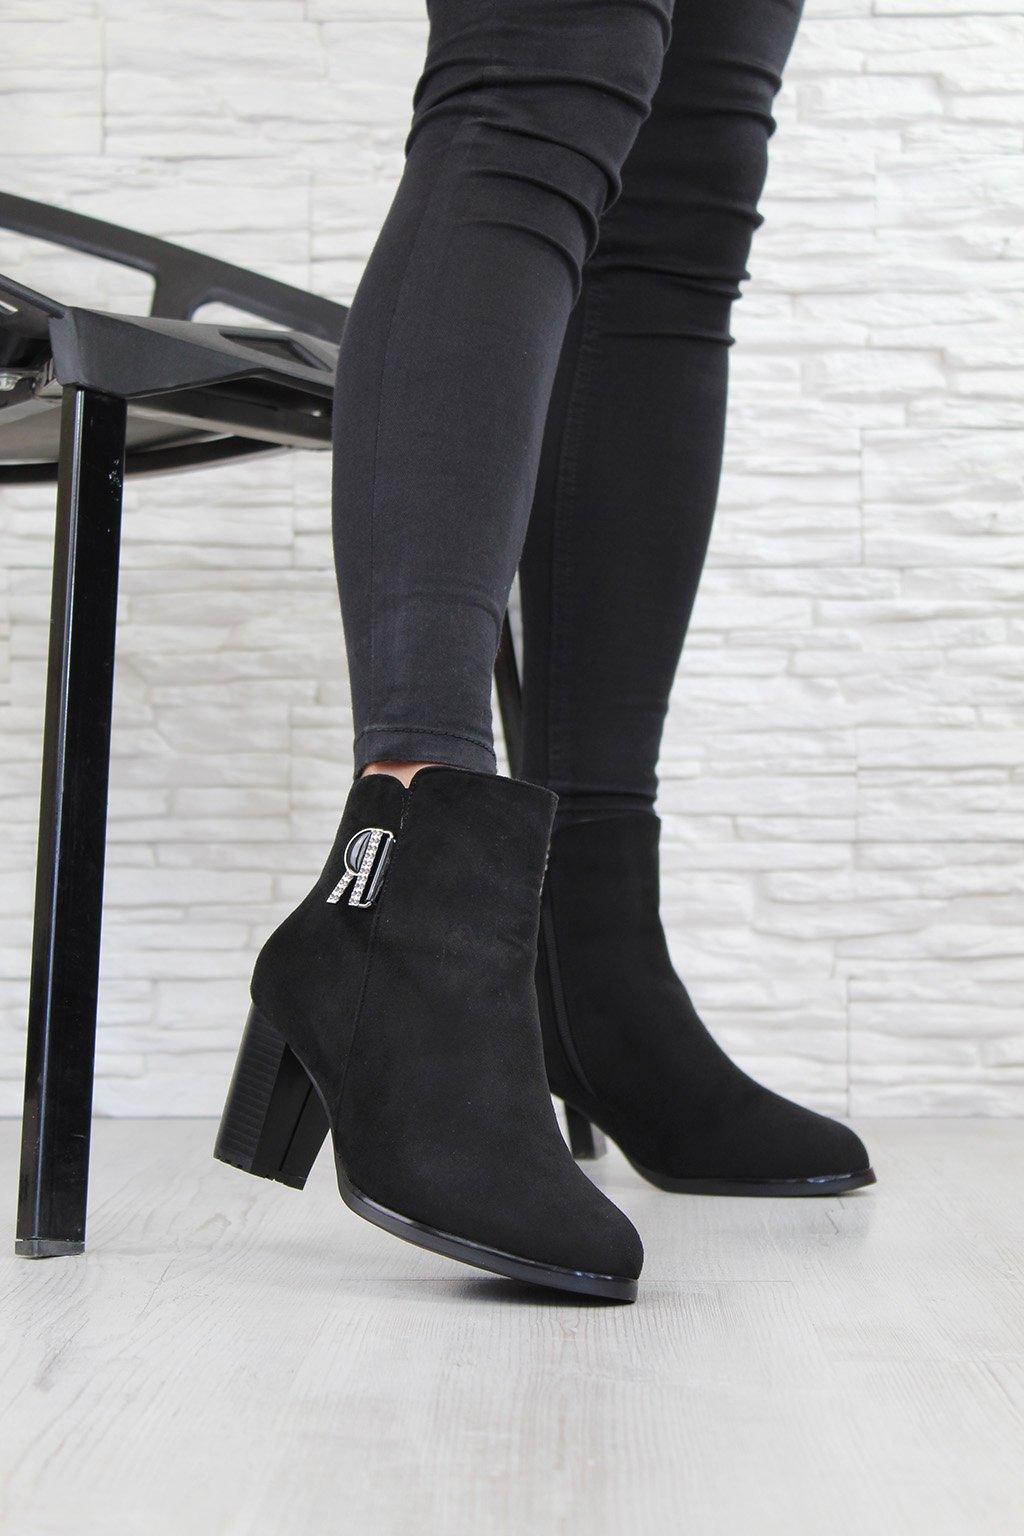 Dámské boty na podpatku CK51 2B (3)